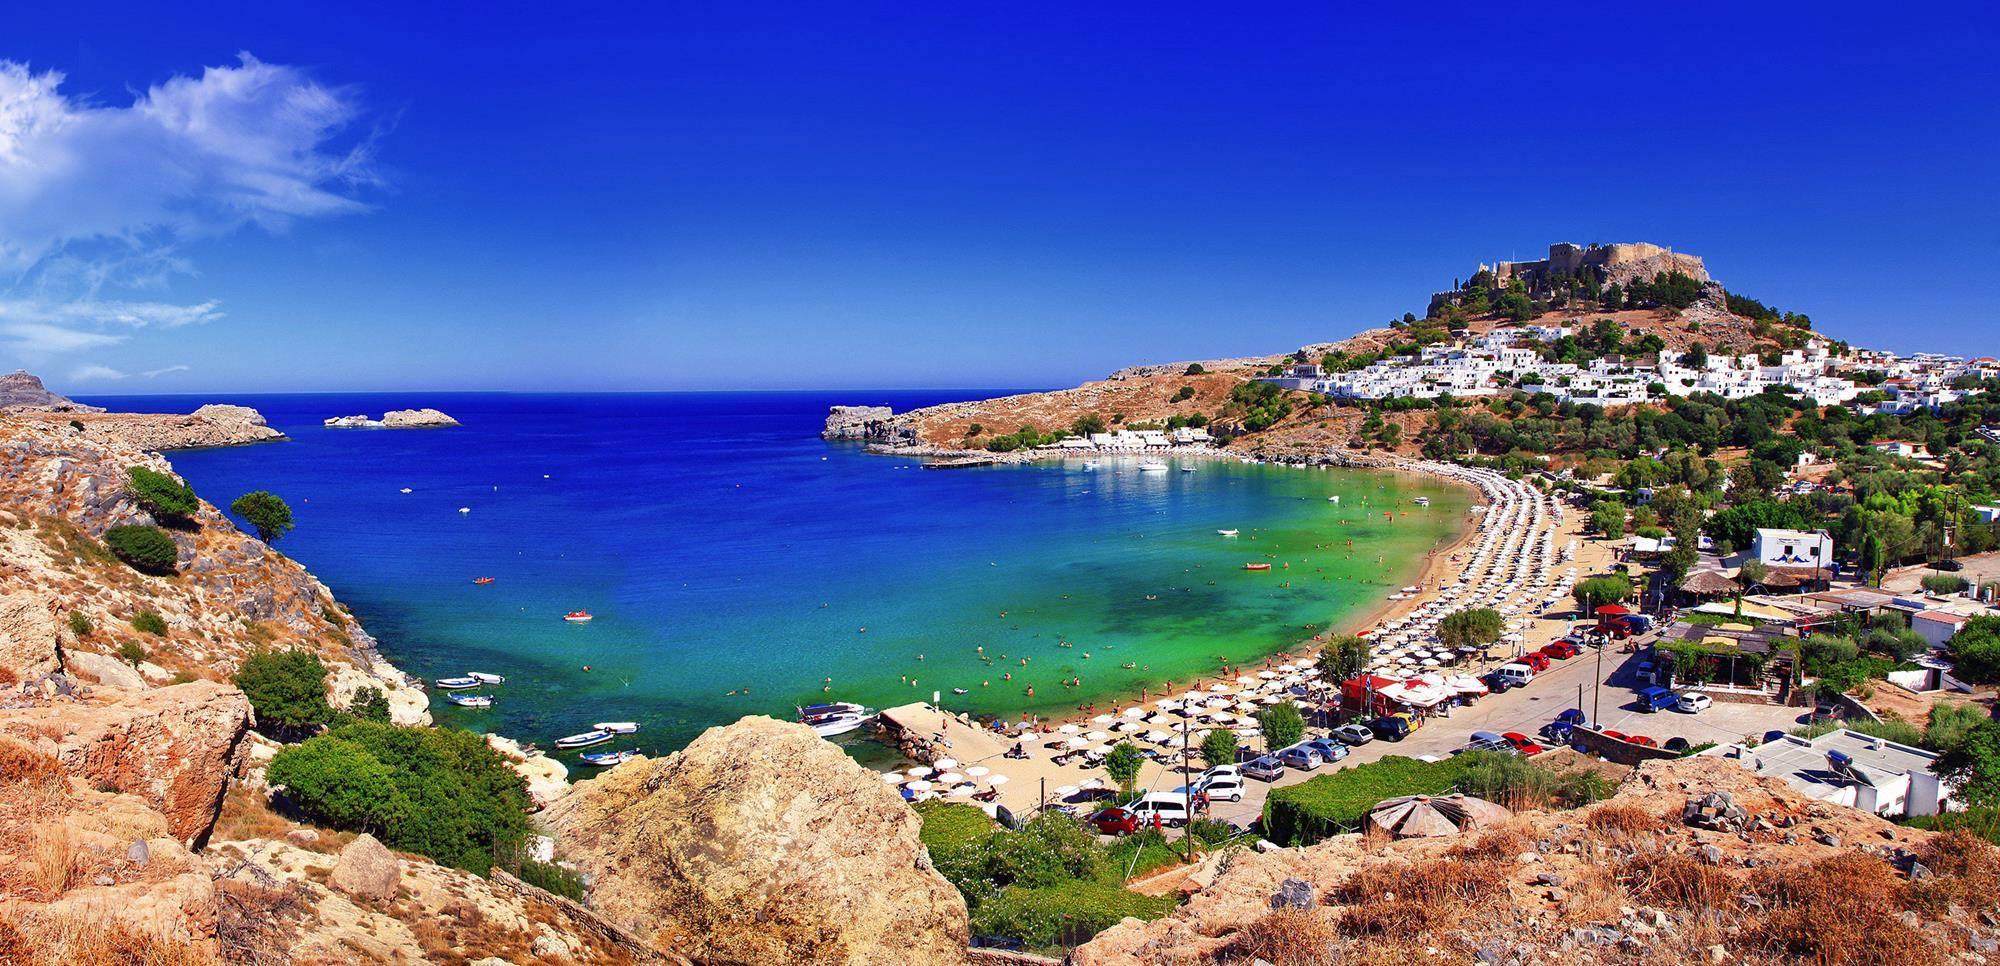 Куда поехать в свадебное путешествие в мае кроме турции и египта?